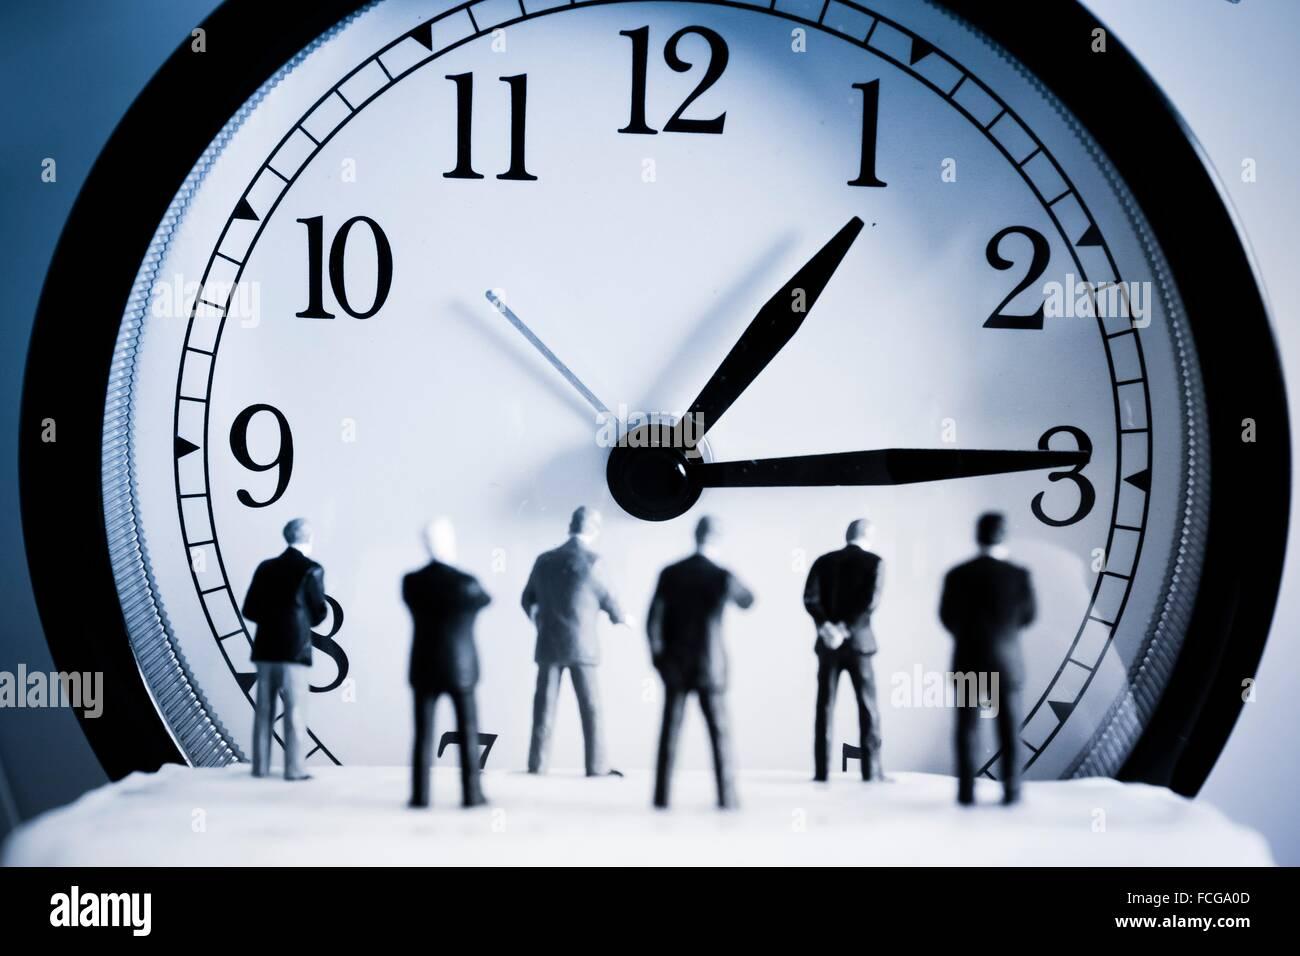 Concepto de tiempo. Los hombres delante de un reloj. Imagen De Stock